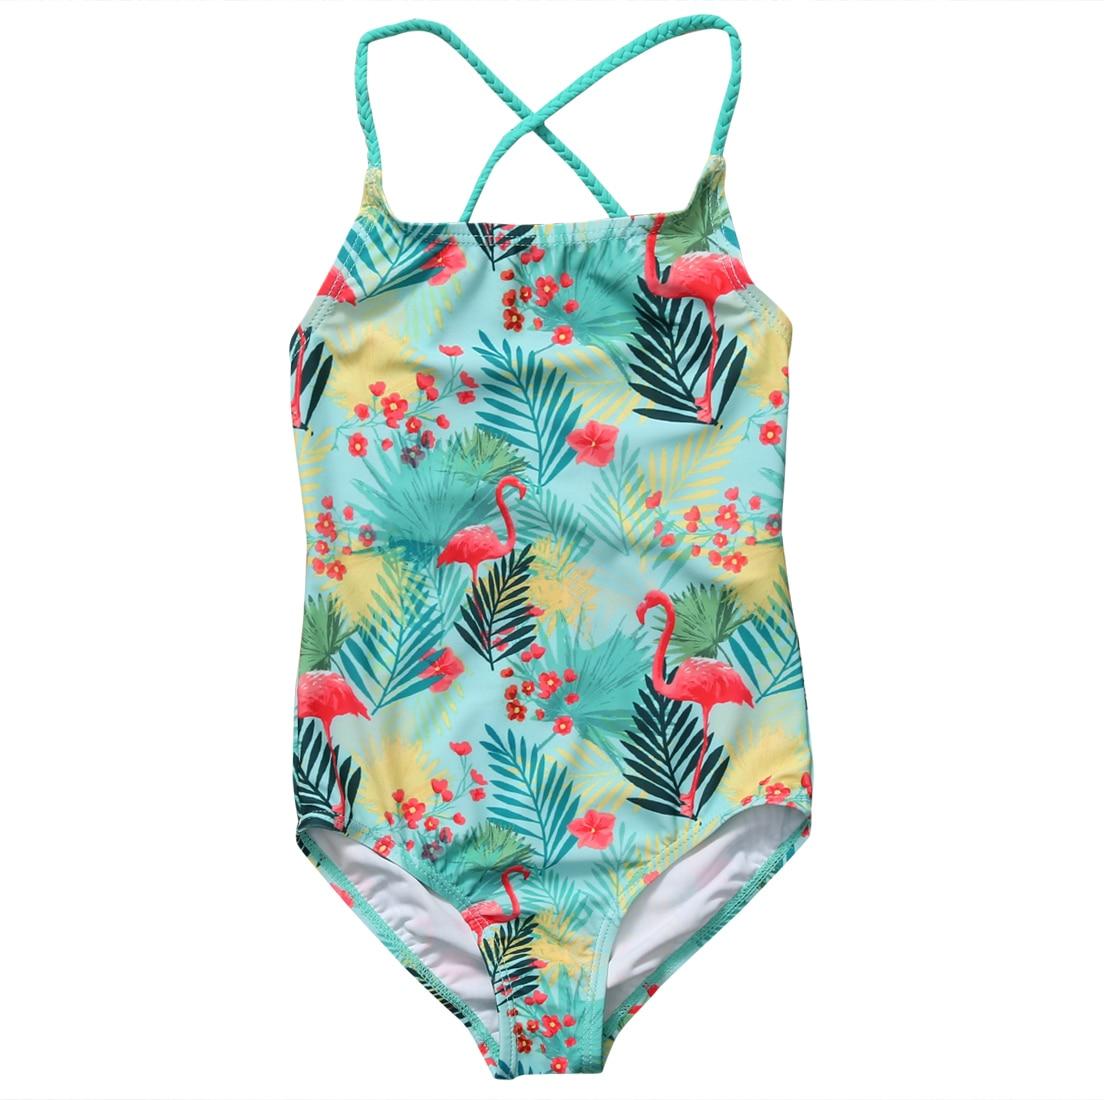 Schwimmkleidung 2 Pcs Streifen Floral Baby Mädchen Bademode Bikini Set Kleinkind Kind Mädchen Badeanzug Badeanzug Bademode Sommer Kinder Kleidung Mädchen Mutter & Kinder